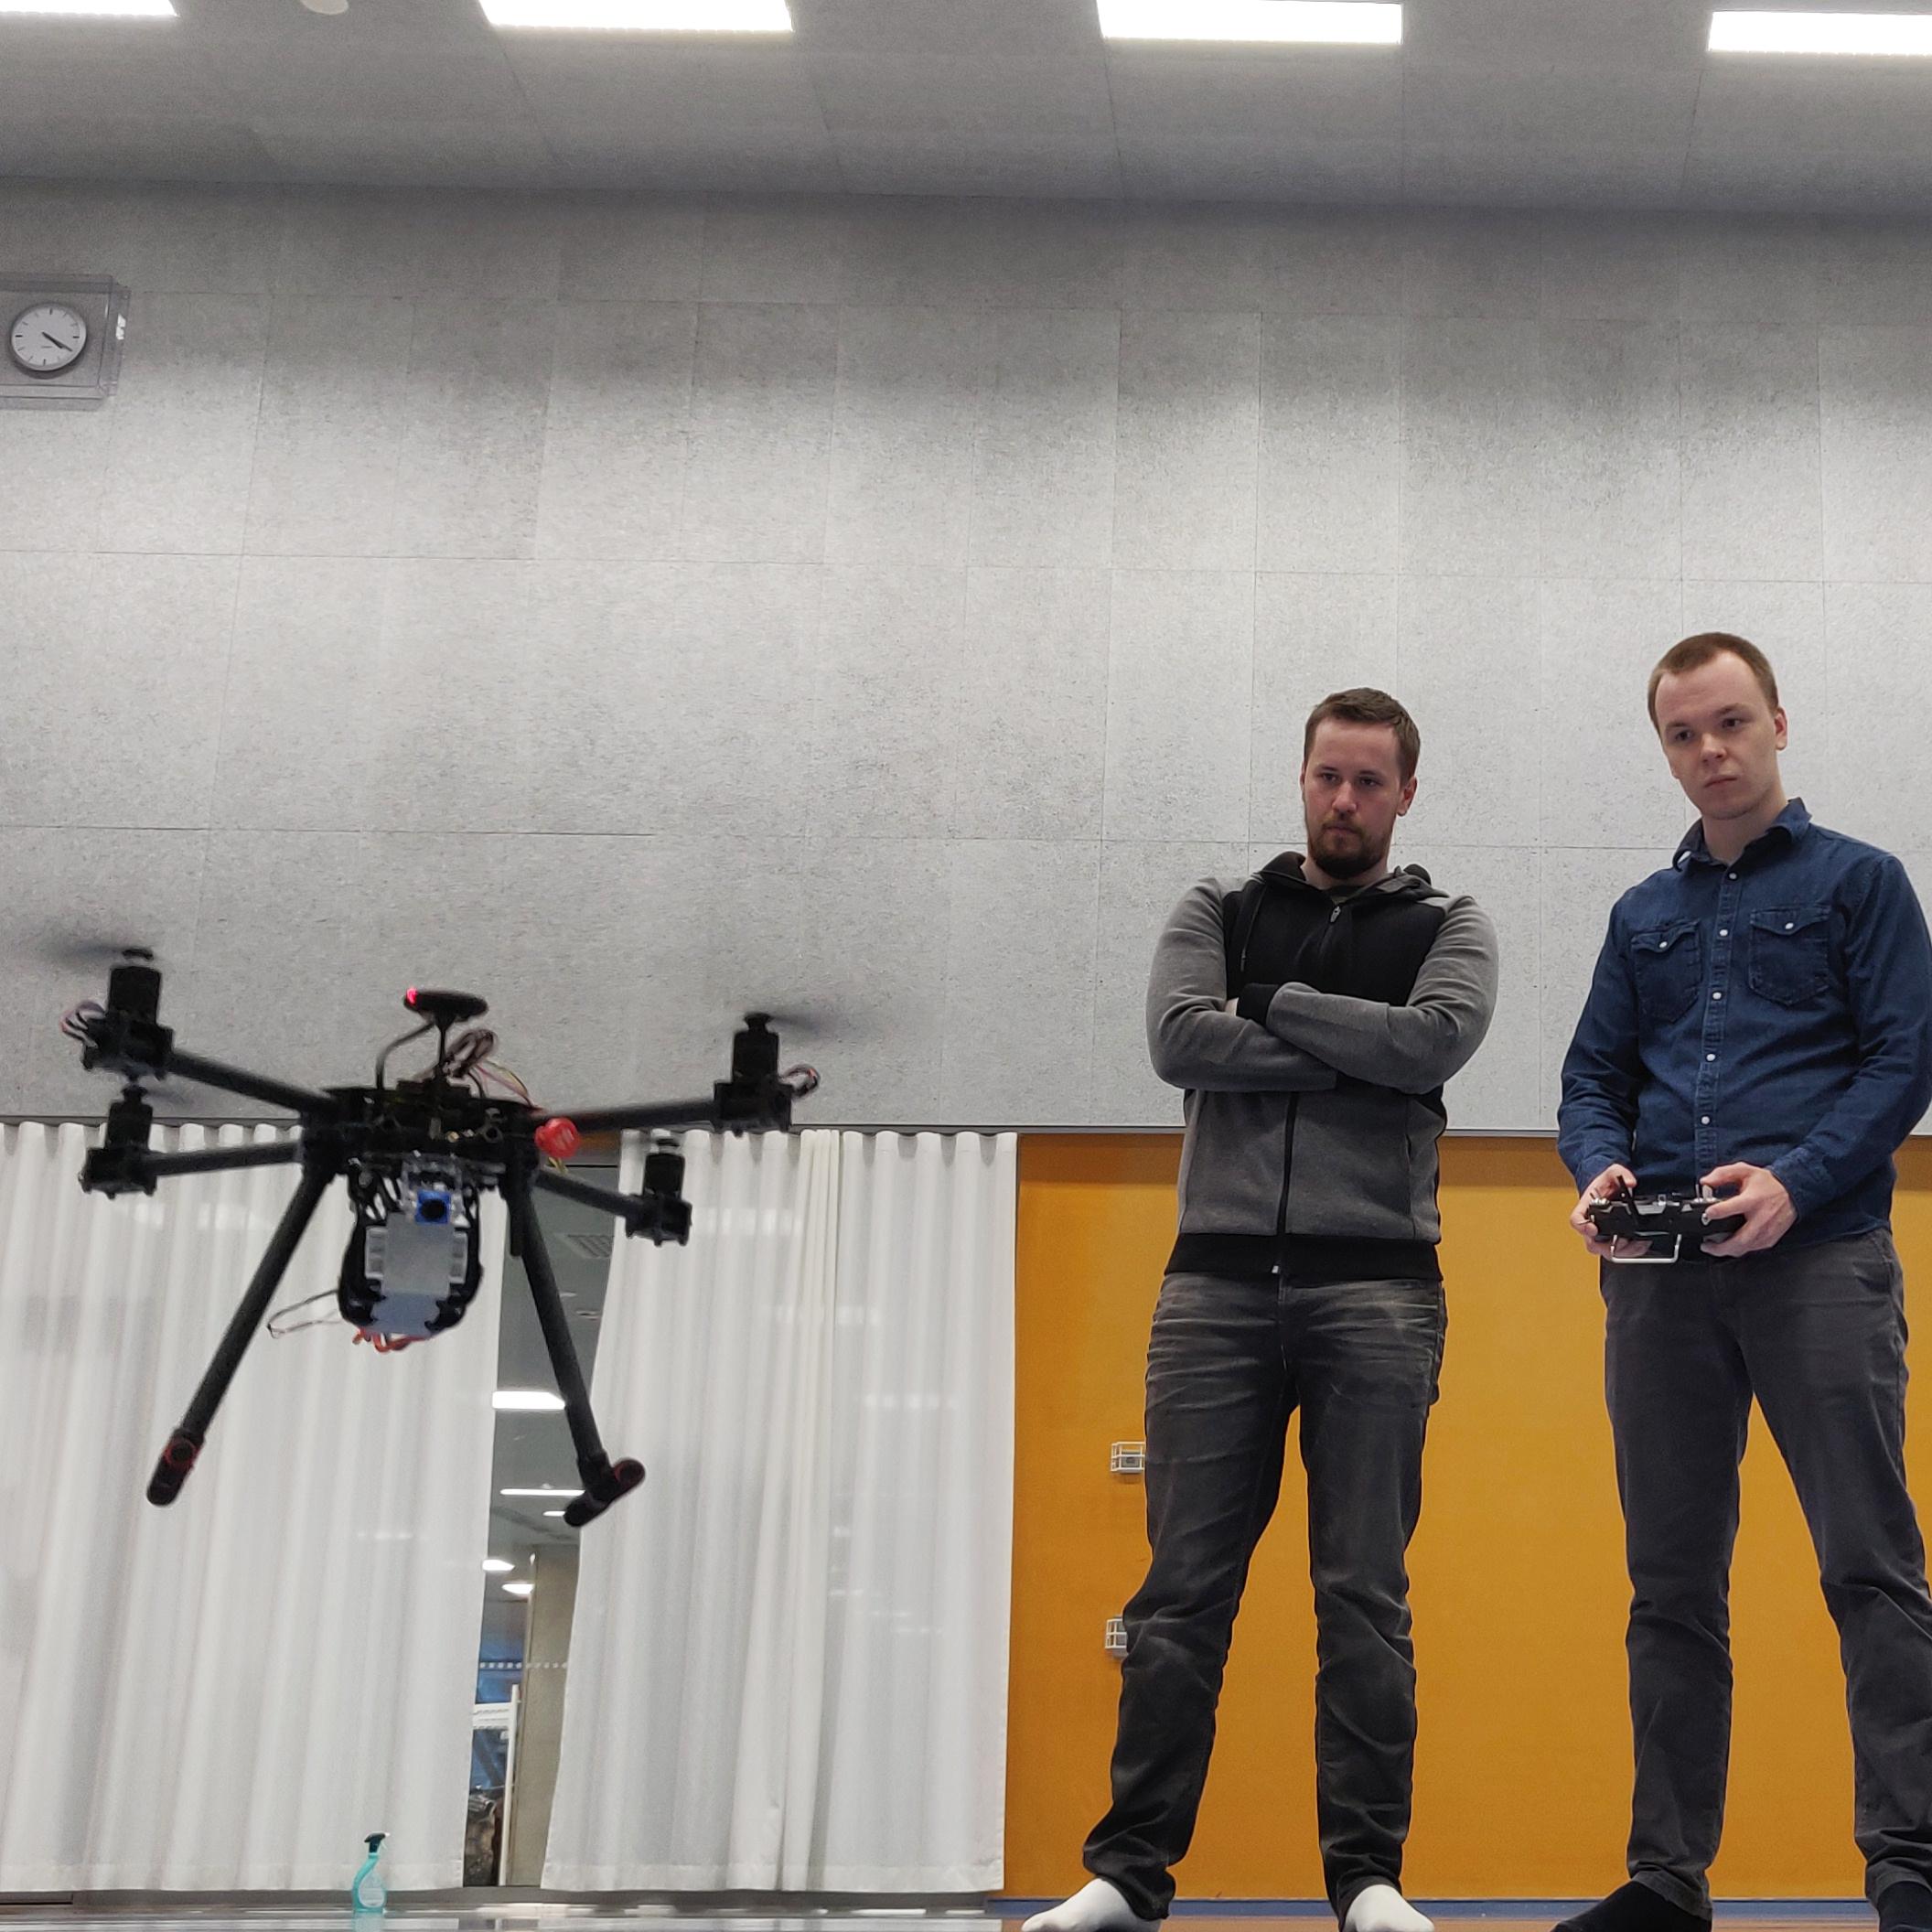 Dronen ensilento